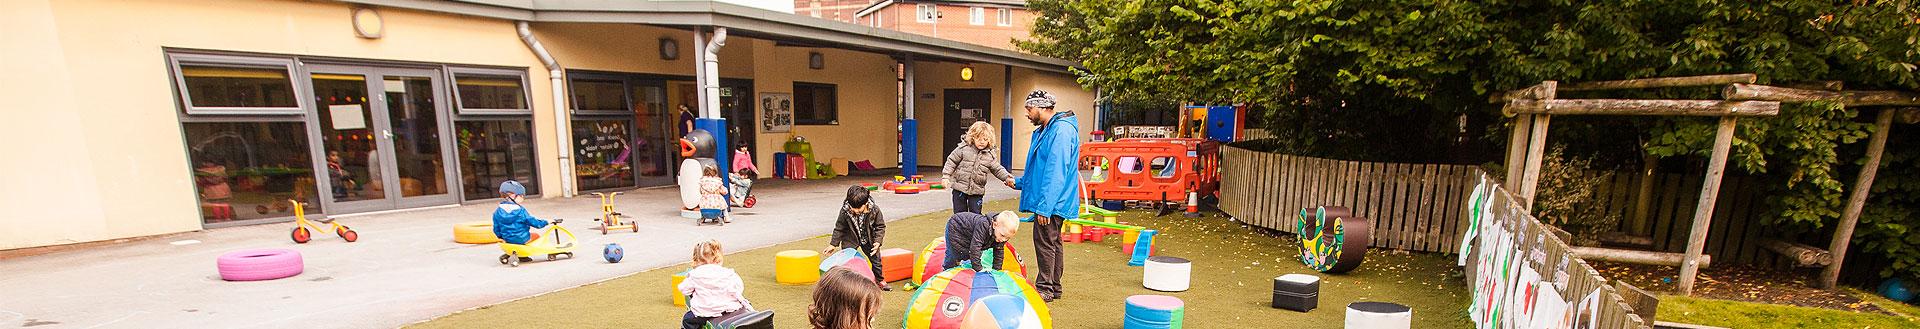 Redvales Day Nursery